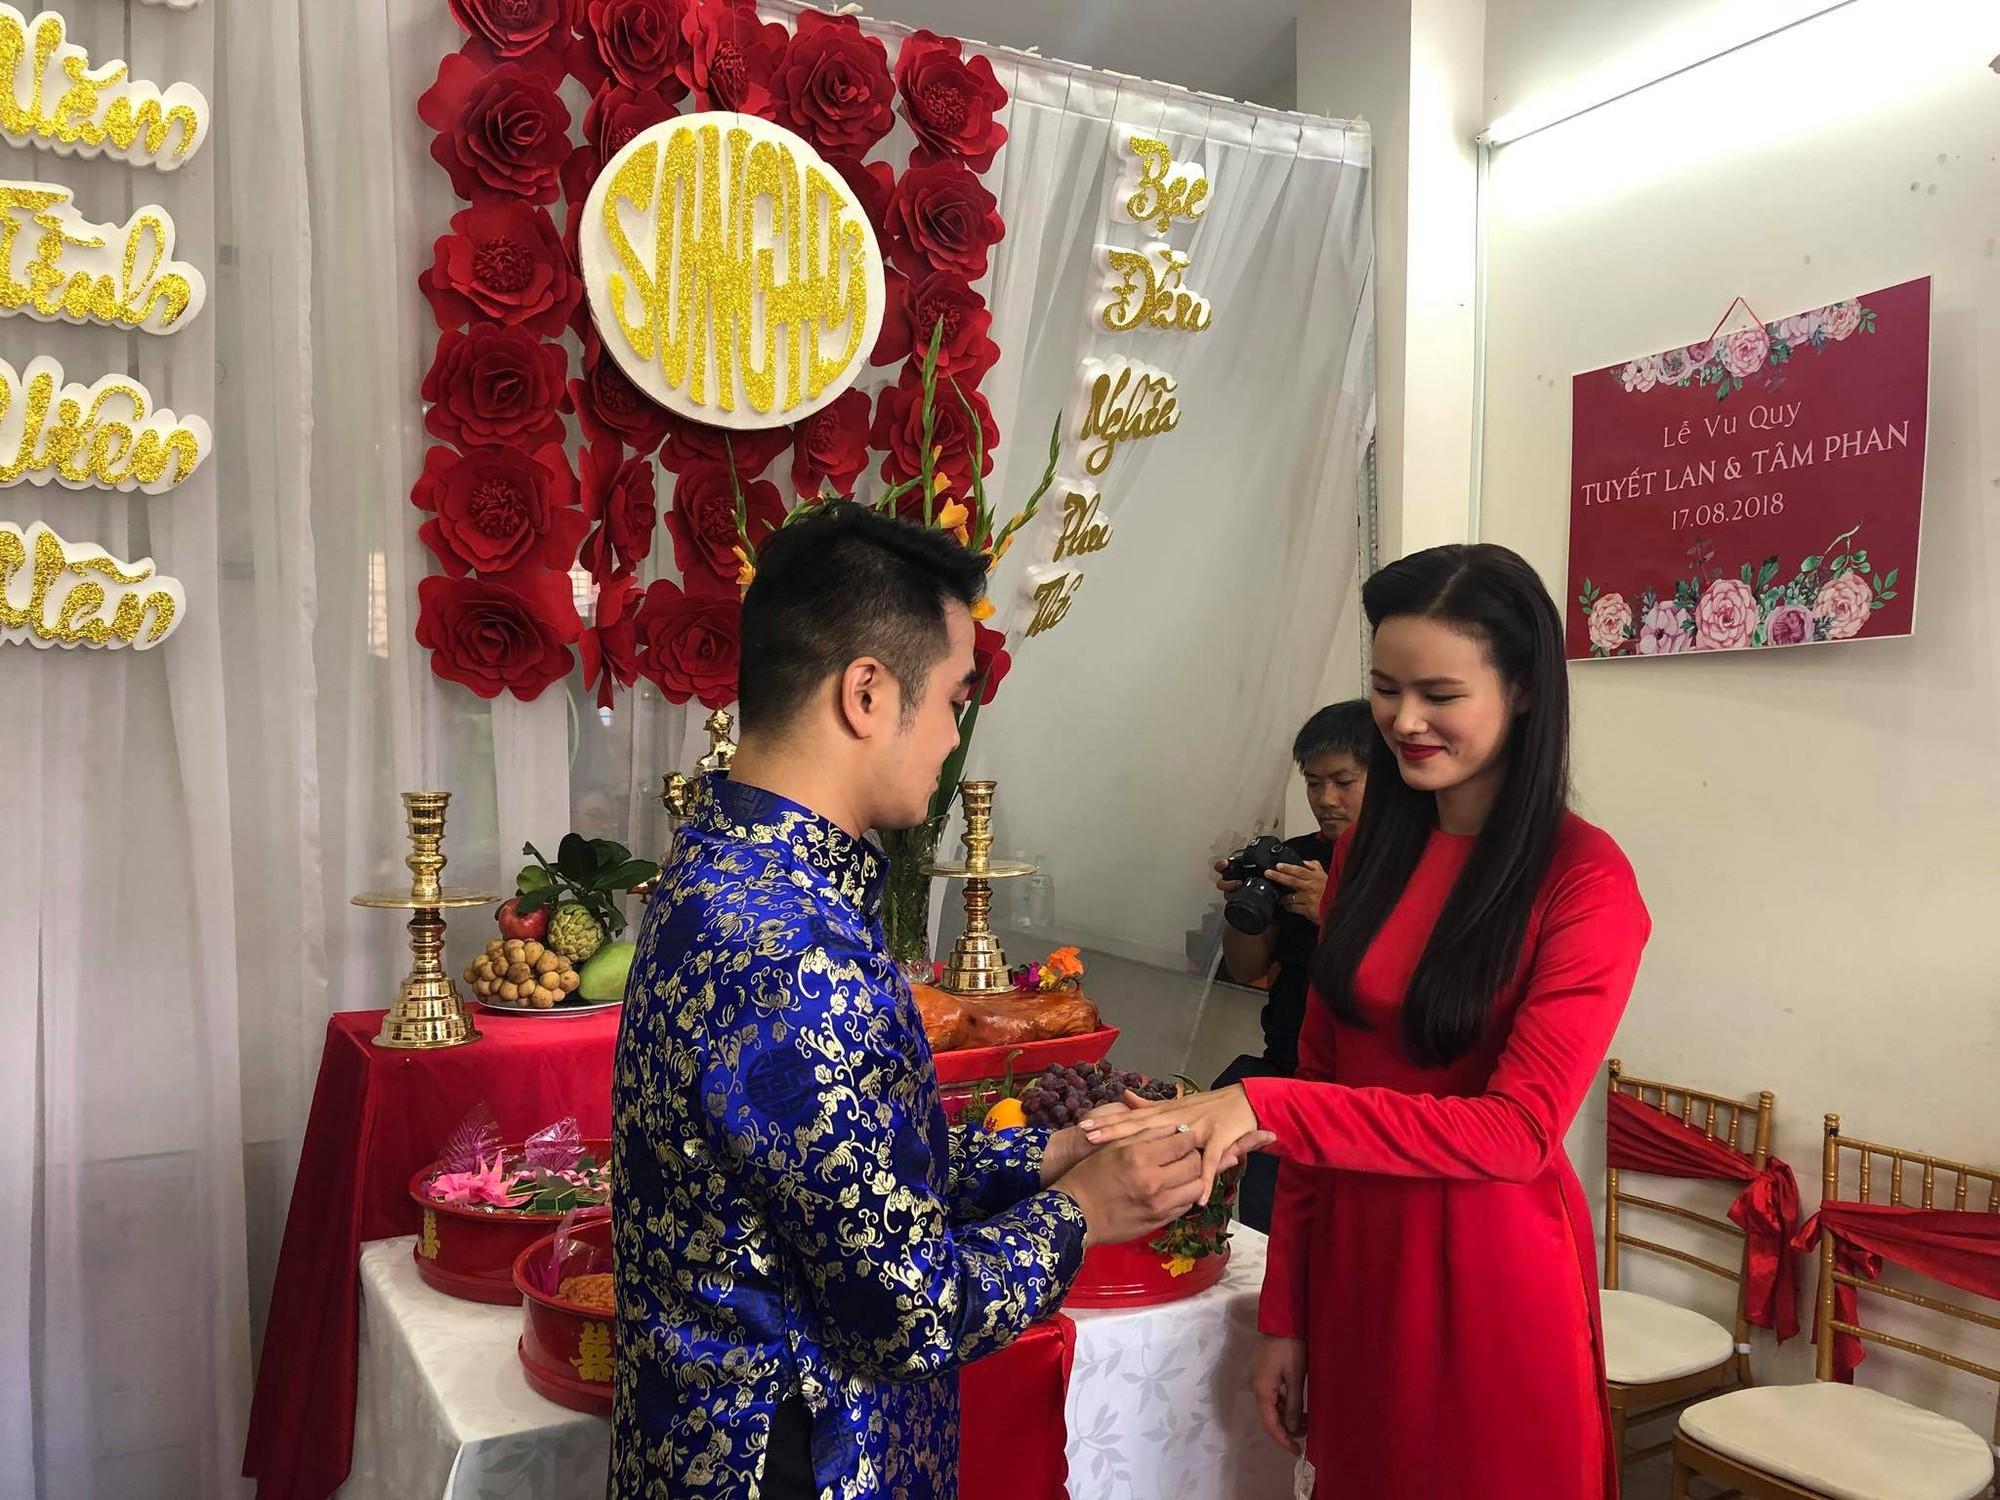 Vợ chồng Lê Thuý và dàn mẫu Next Top xuất hiện trong lễ đám hỏi của Tuyết Lan sáng nay - Ảnh 2.